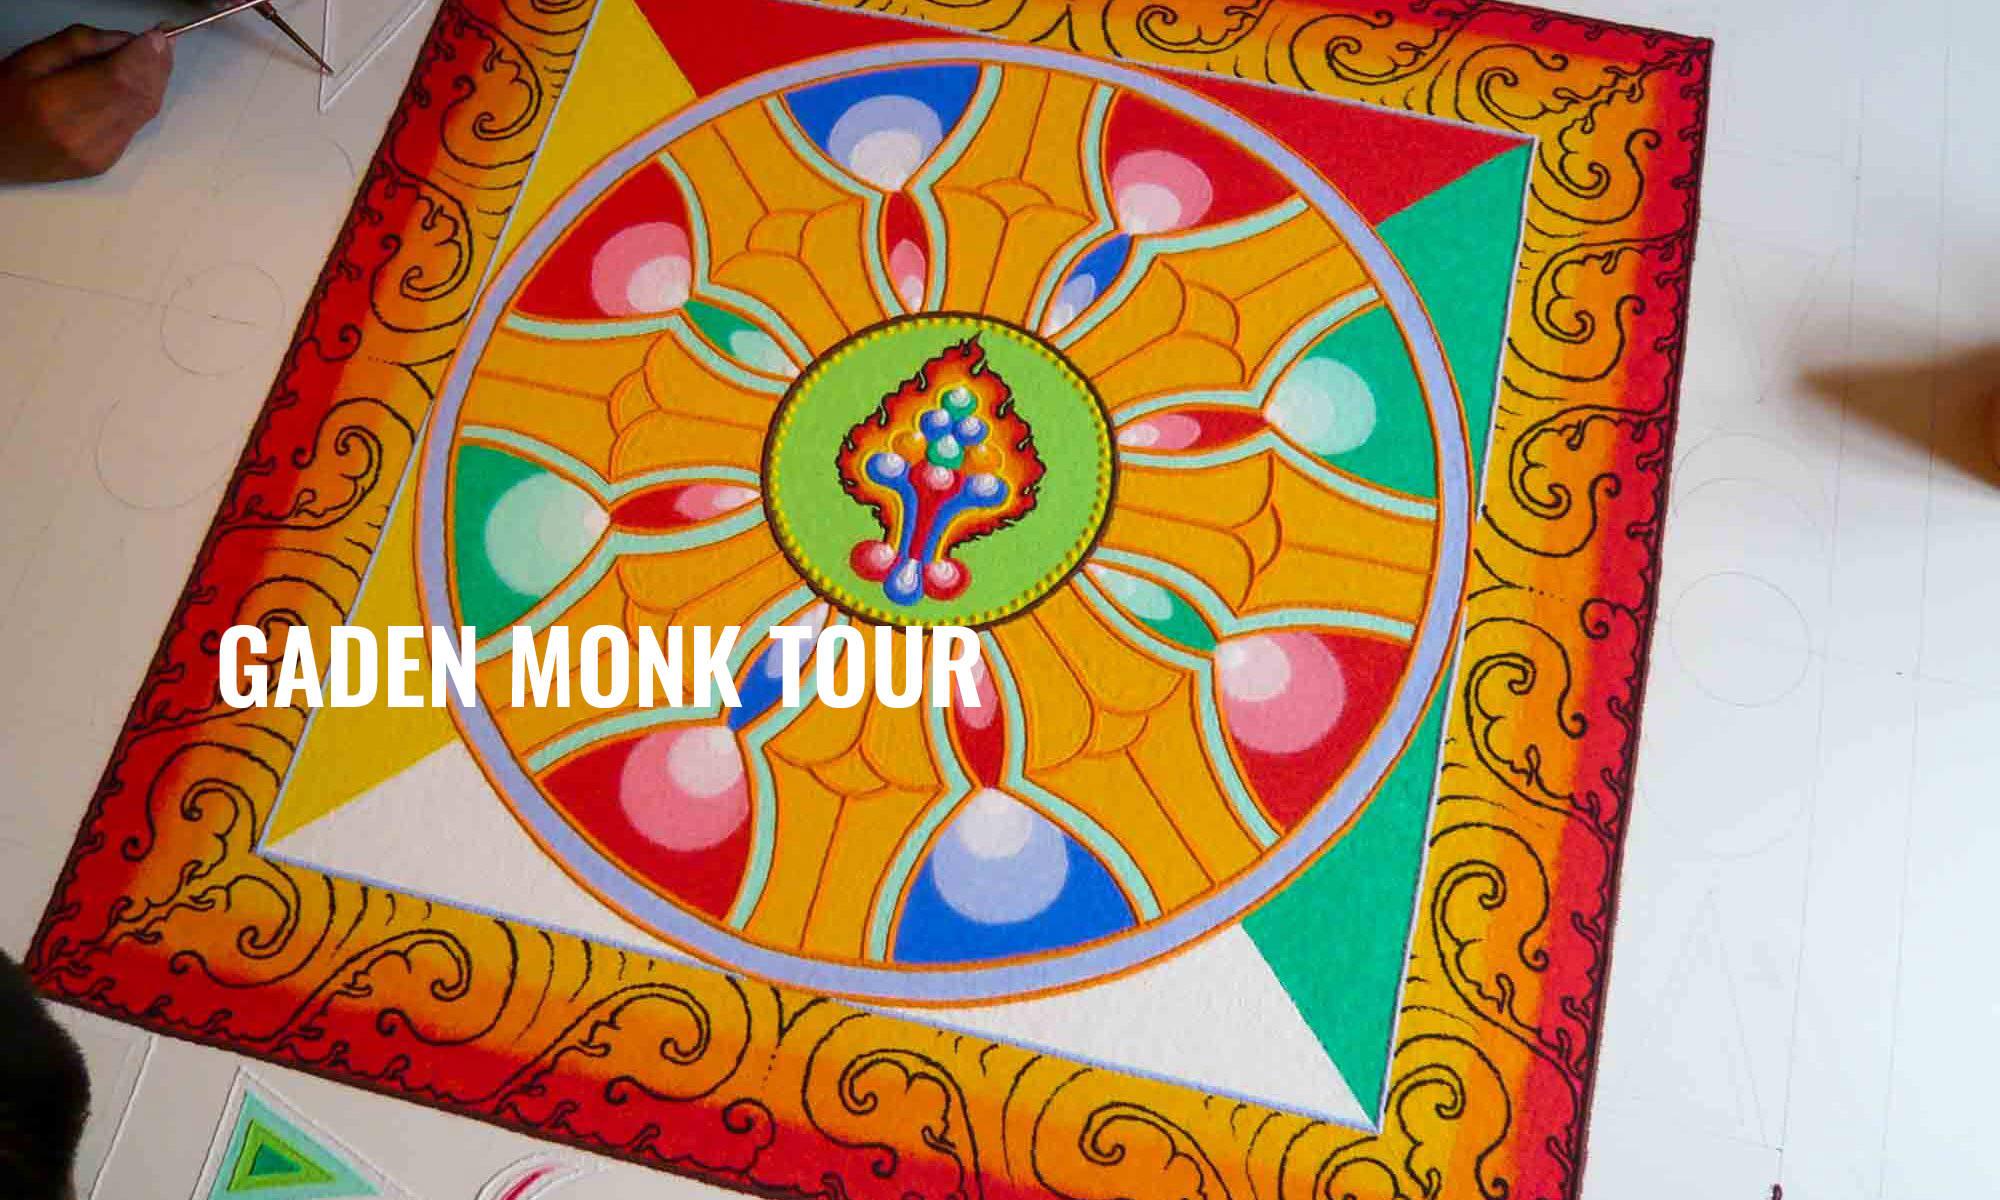 TIBETAN MONK TOUR